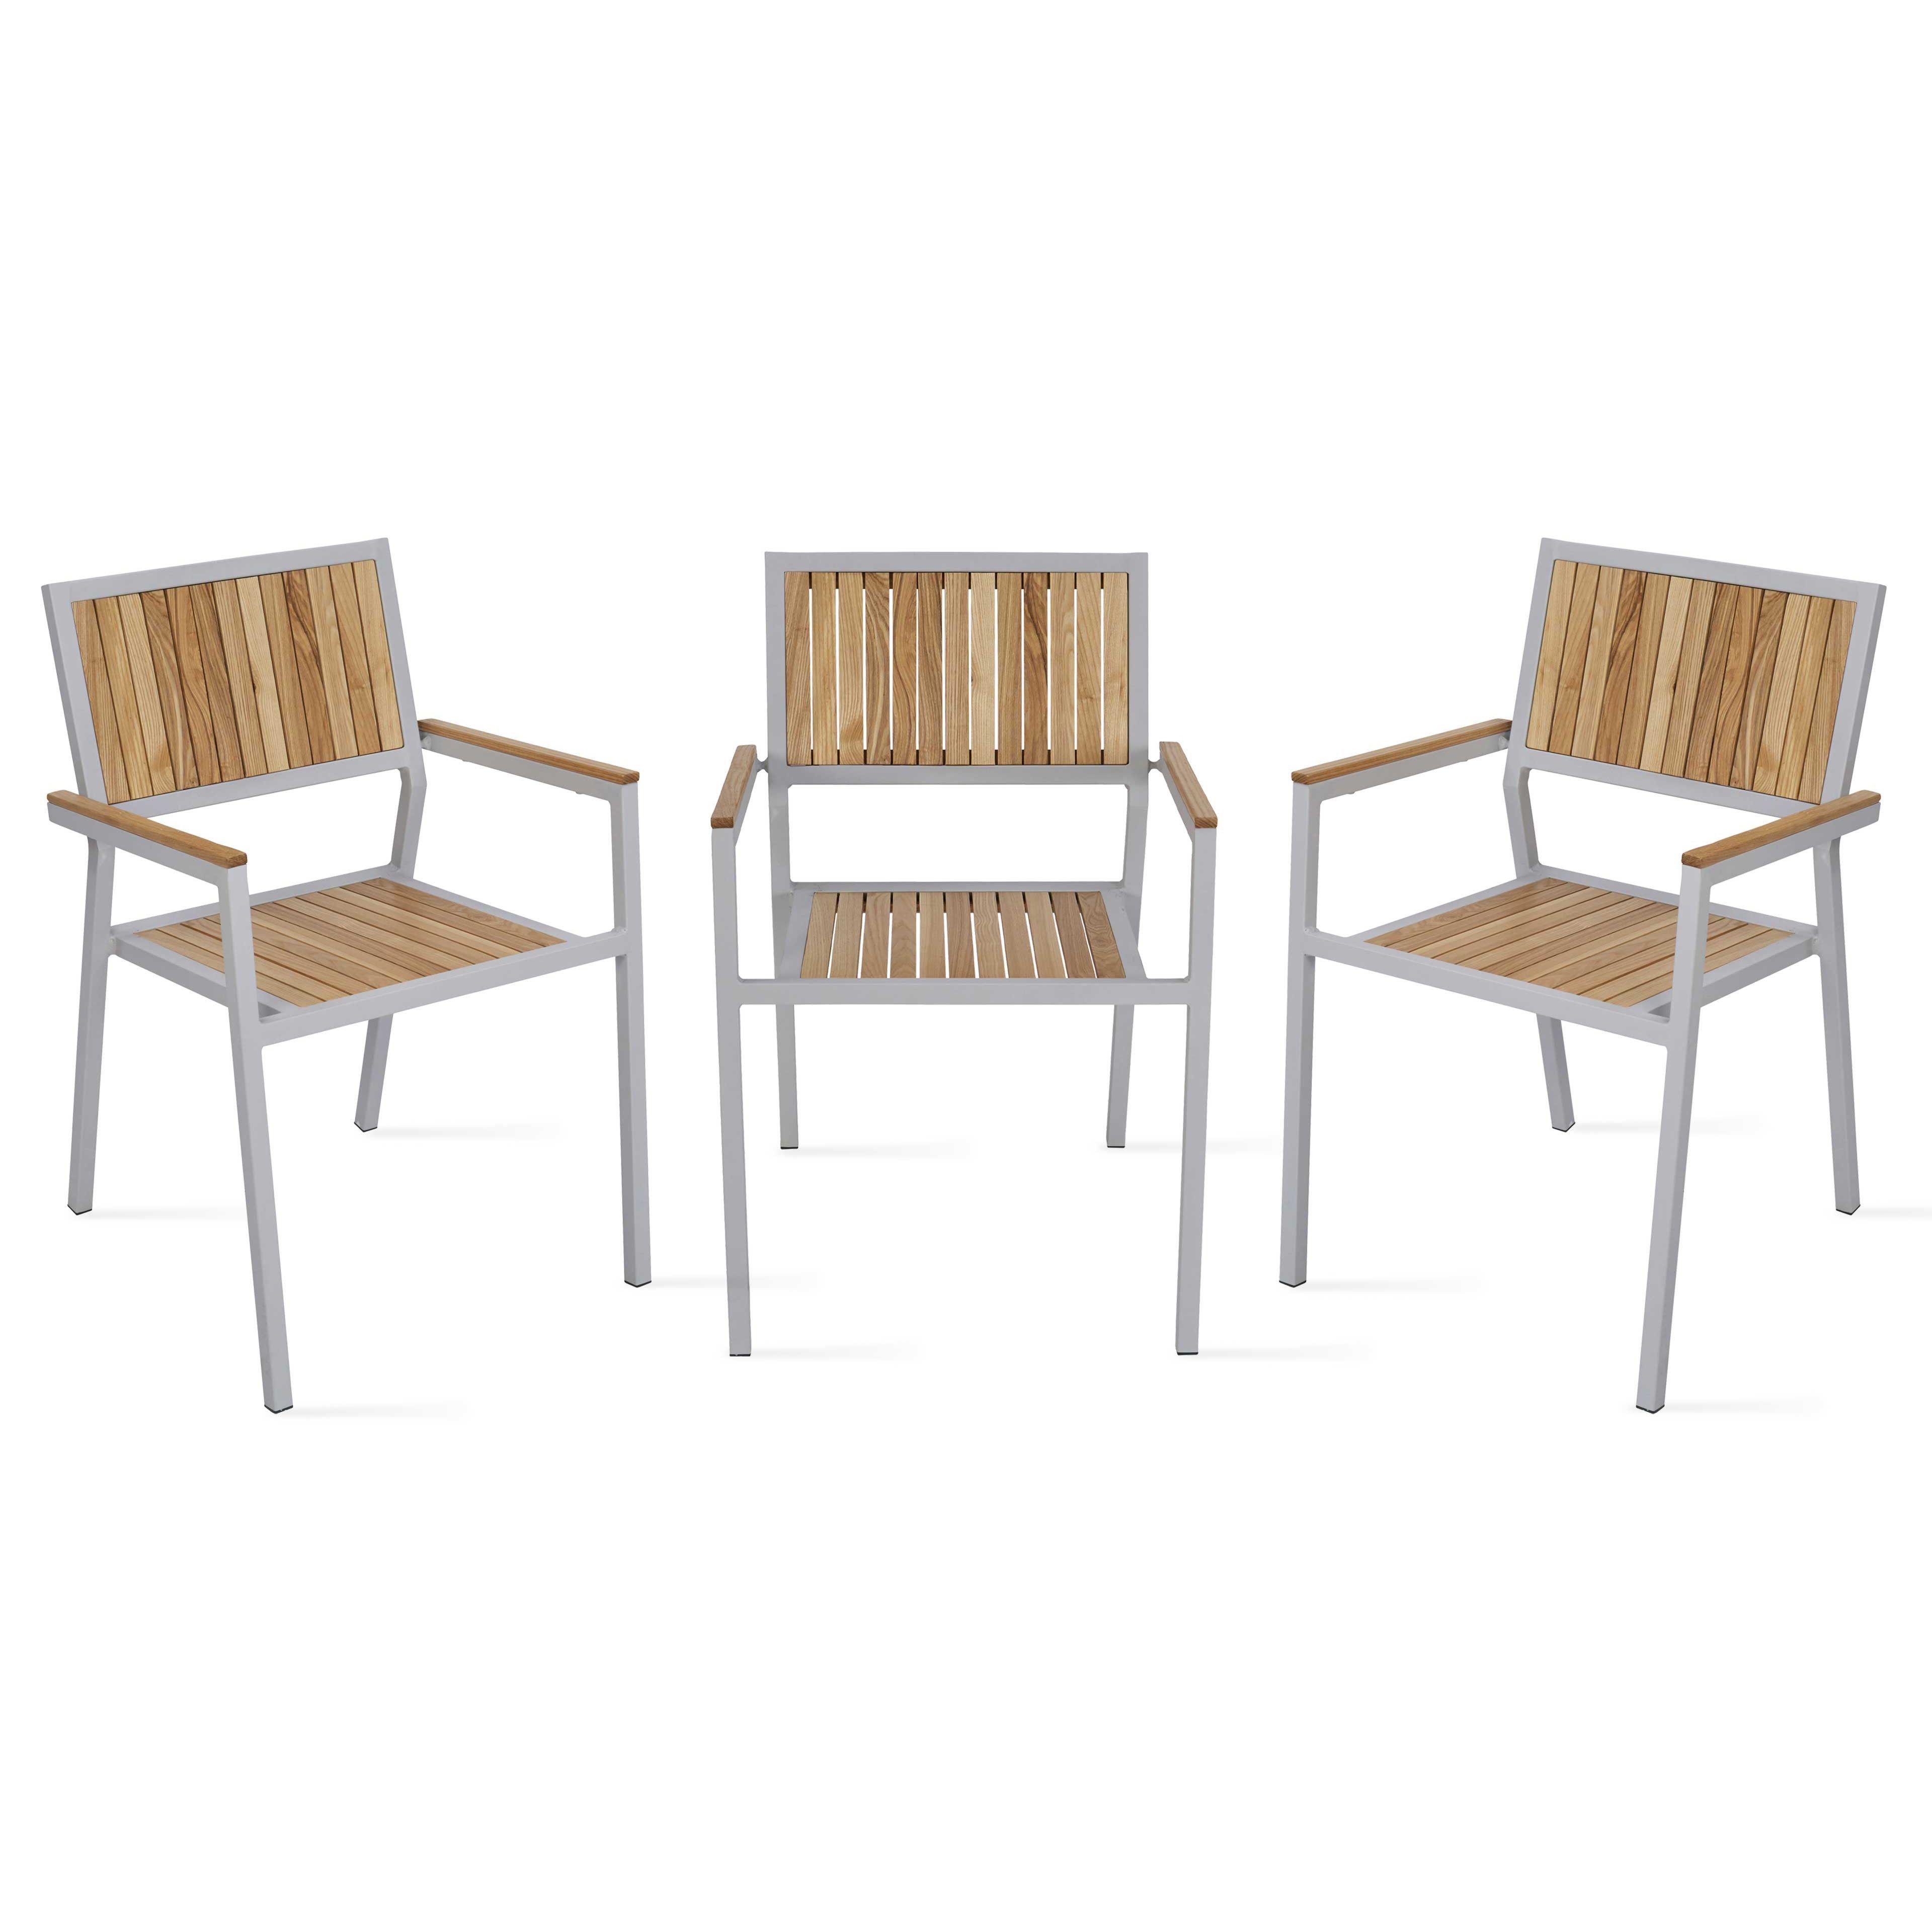 chaise de jardin bois et aluminium empilable. Black Bedroom Furniture Sets. Home Design Ideas